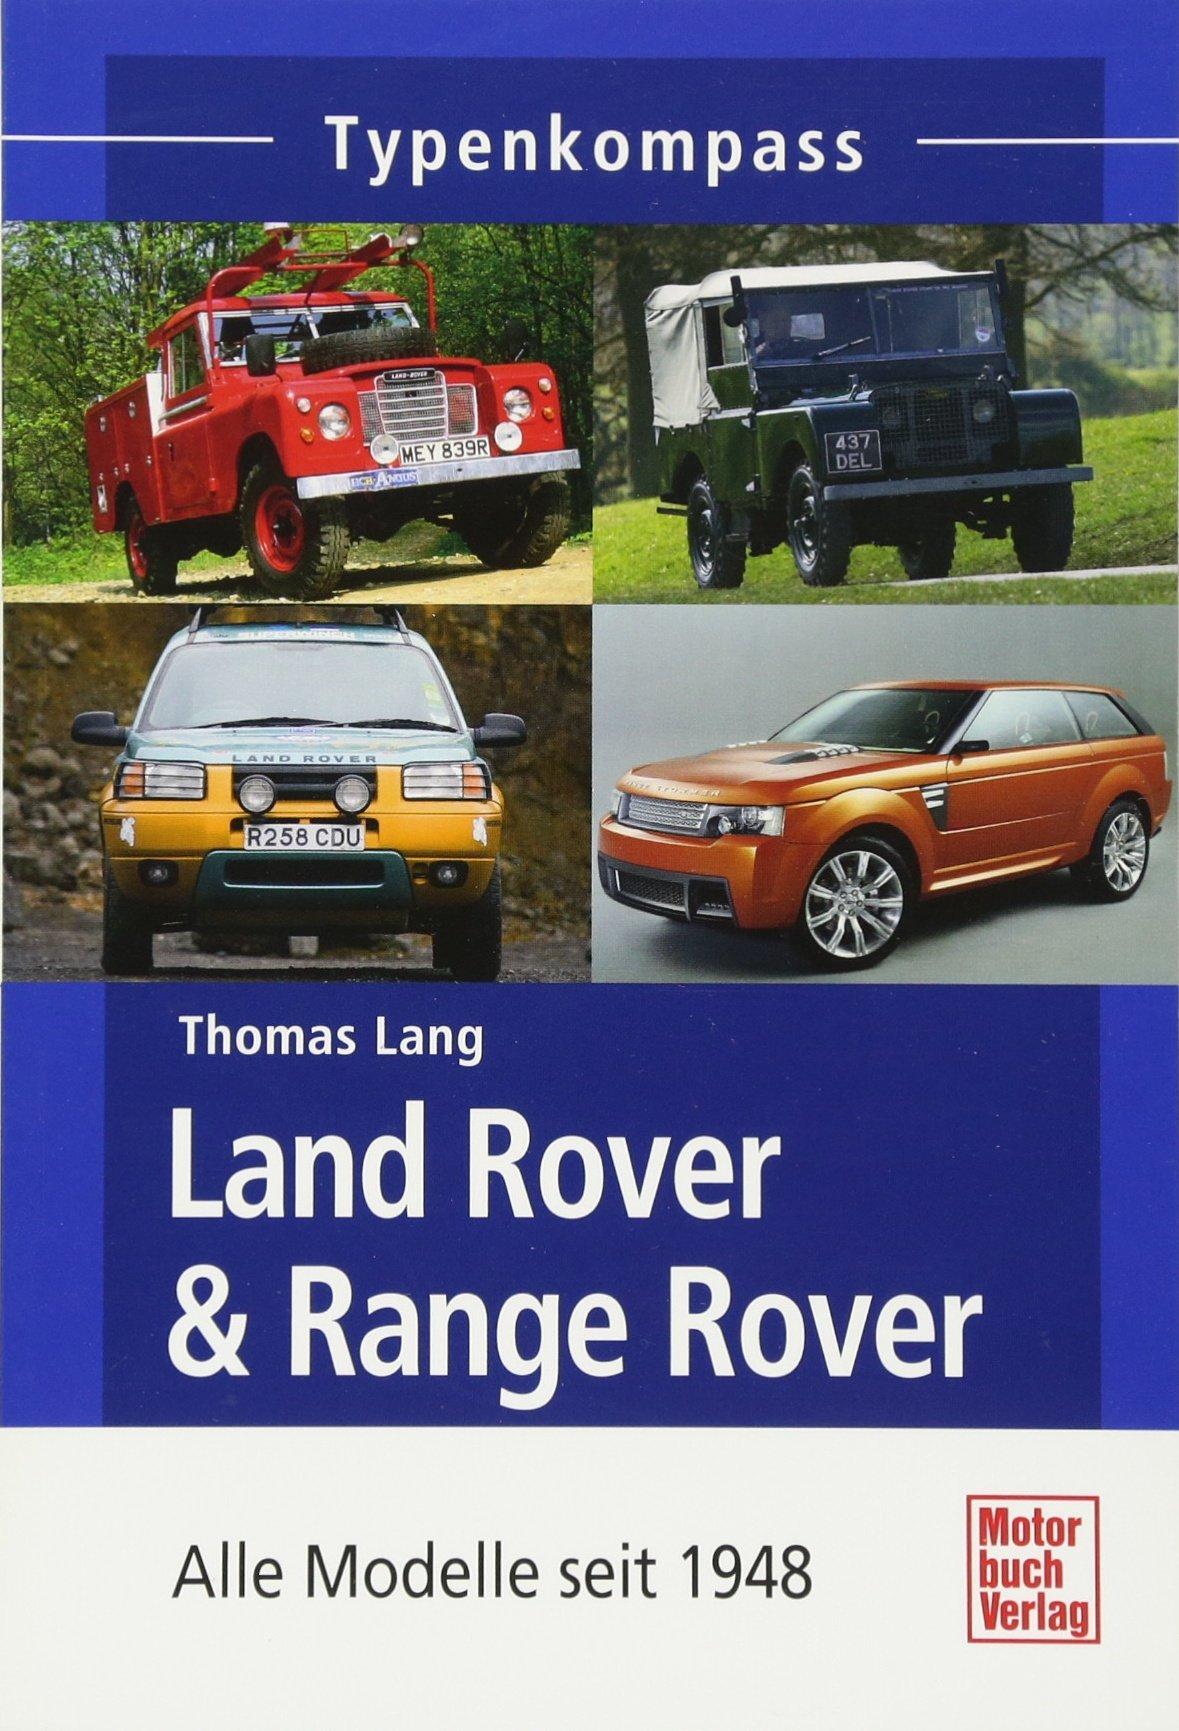 Land Rover & Range Rover Sport - Alle Modelle seit 1948 (Typenkompass)